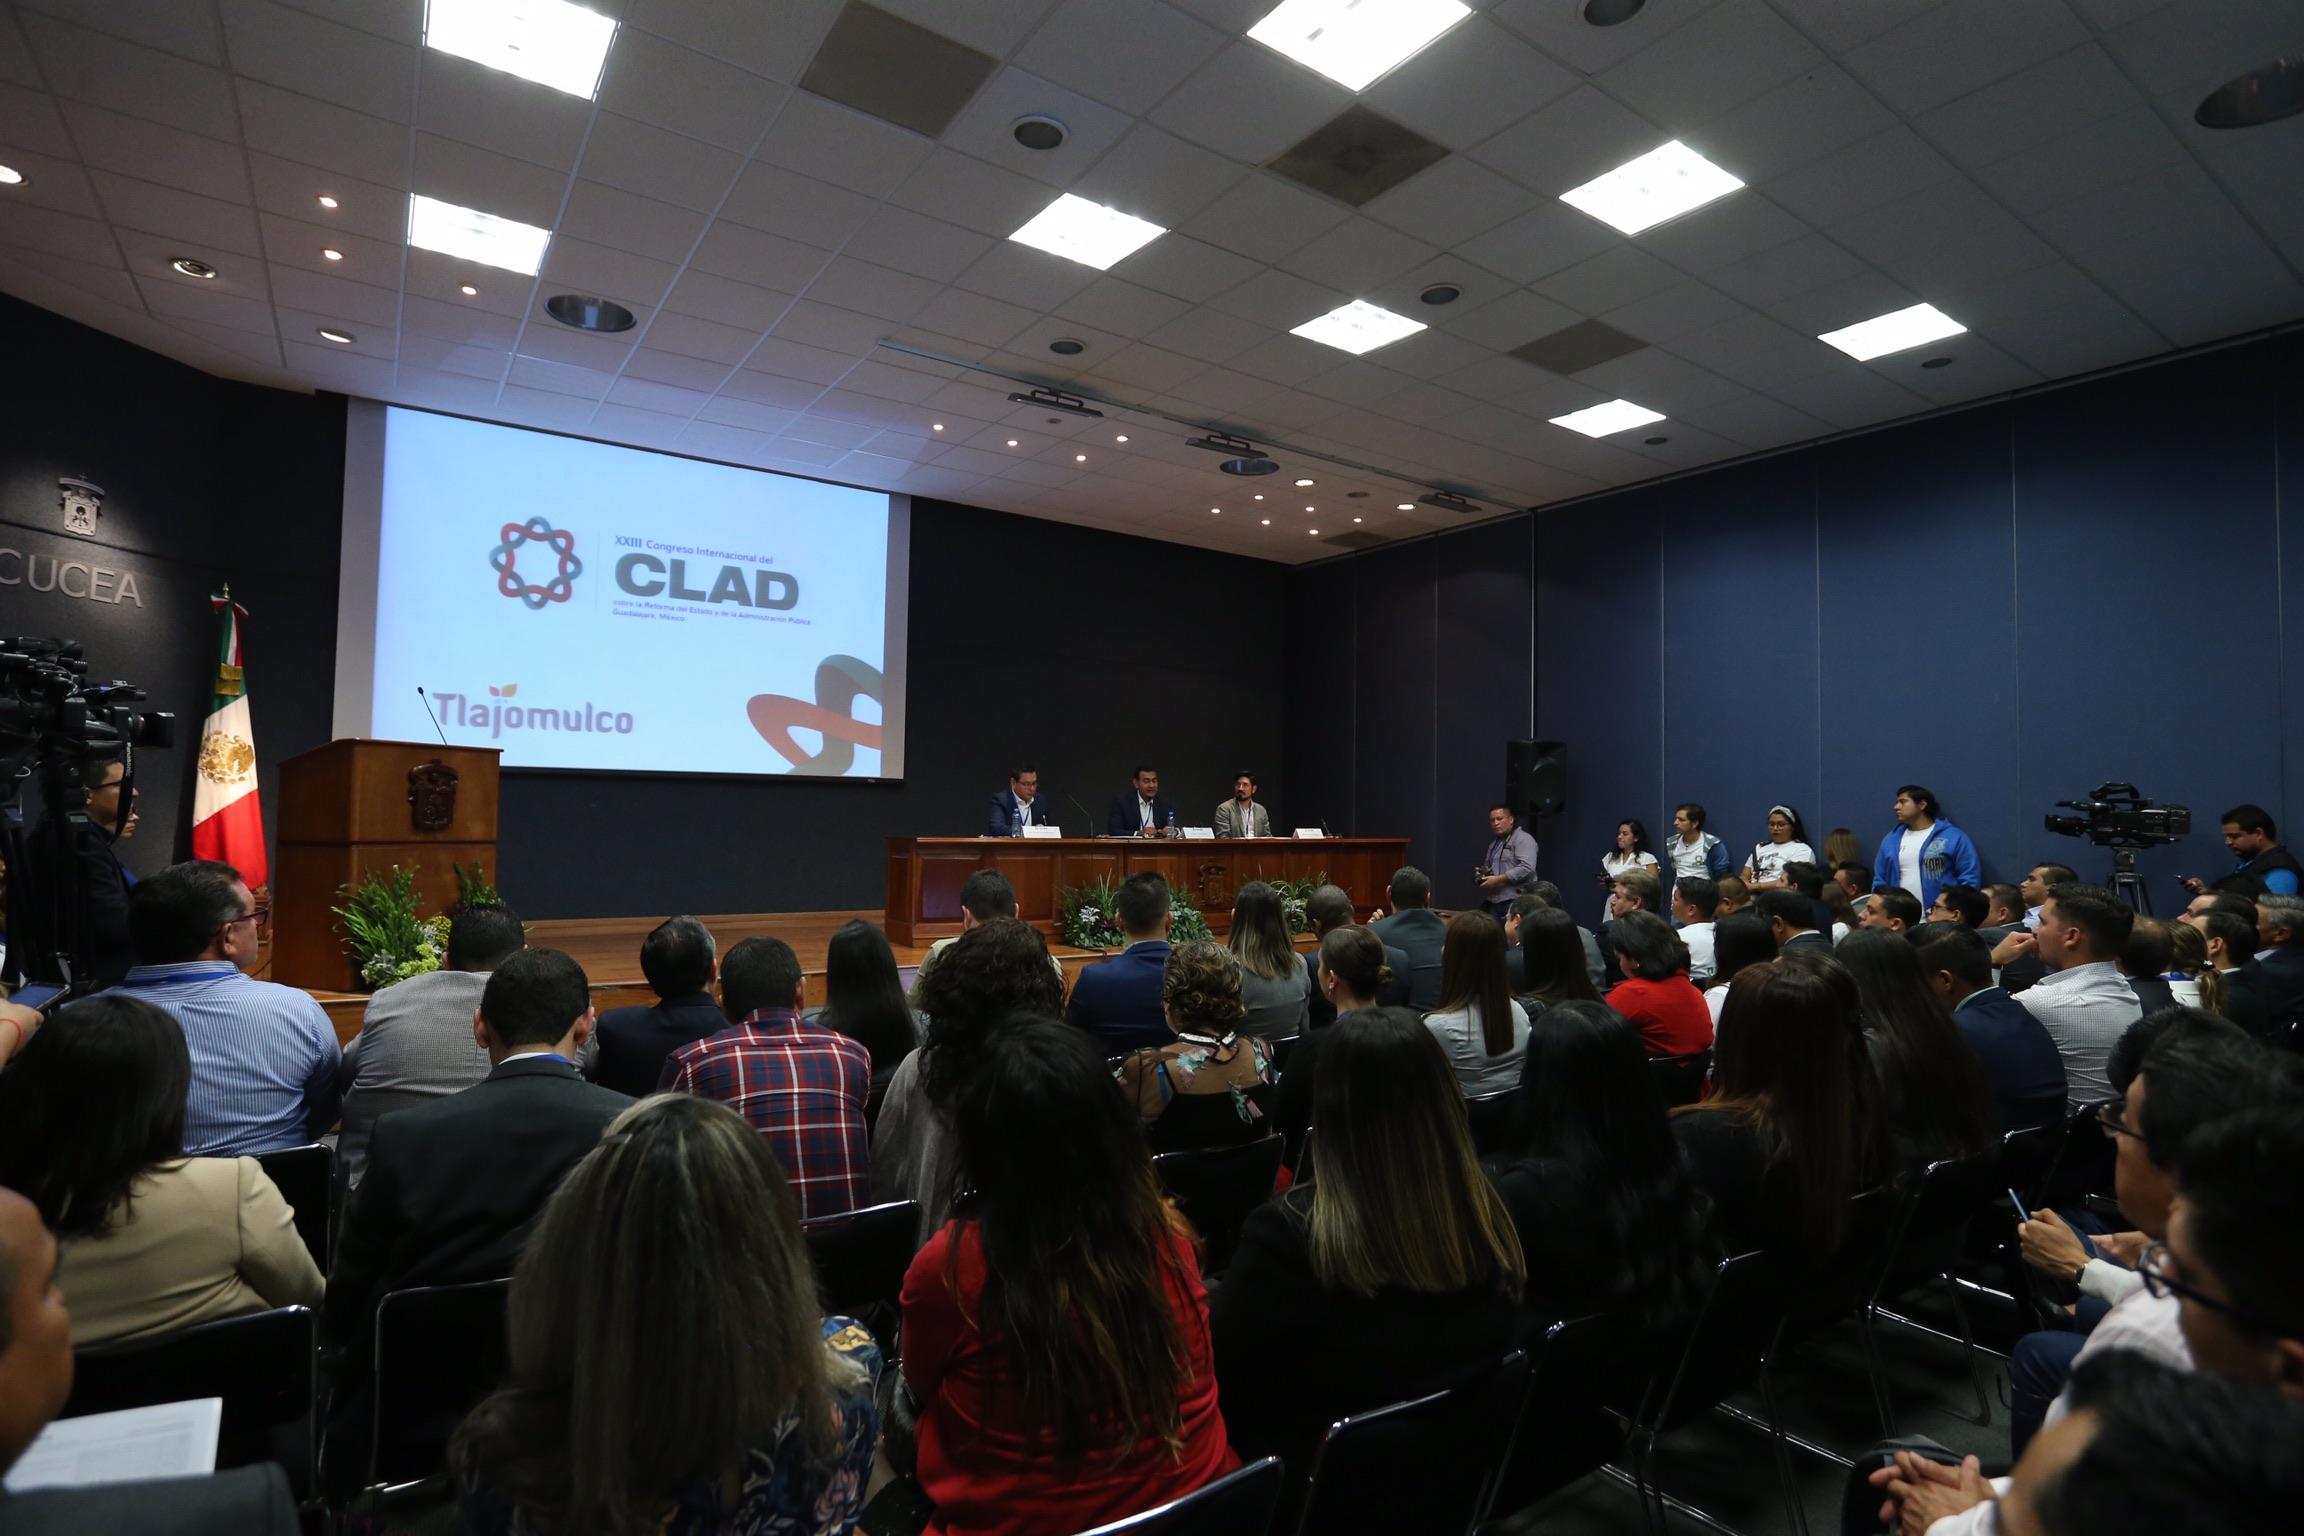 """Mesa """"Los retos de la metrópoli: gestión, coordinación y gobernanza. El caso del Área Metropolitana de Guadalajara, México"""", en el vigésimo tercer Congreso Internacional del Centro Latinoamericano de Administración para el Desarrollo (CLAD) 2018."""